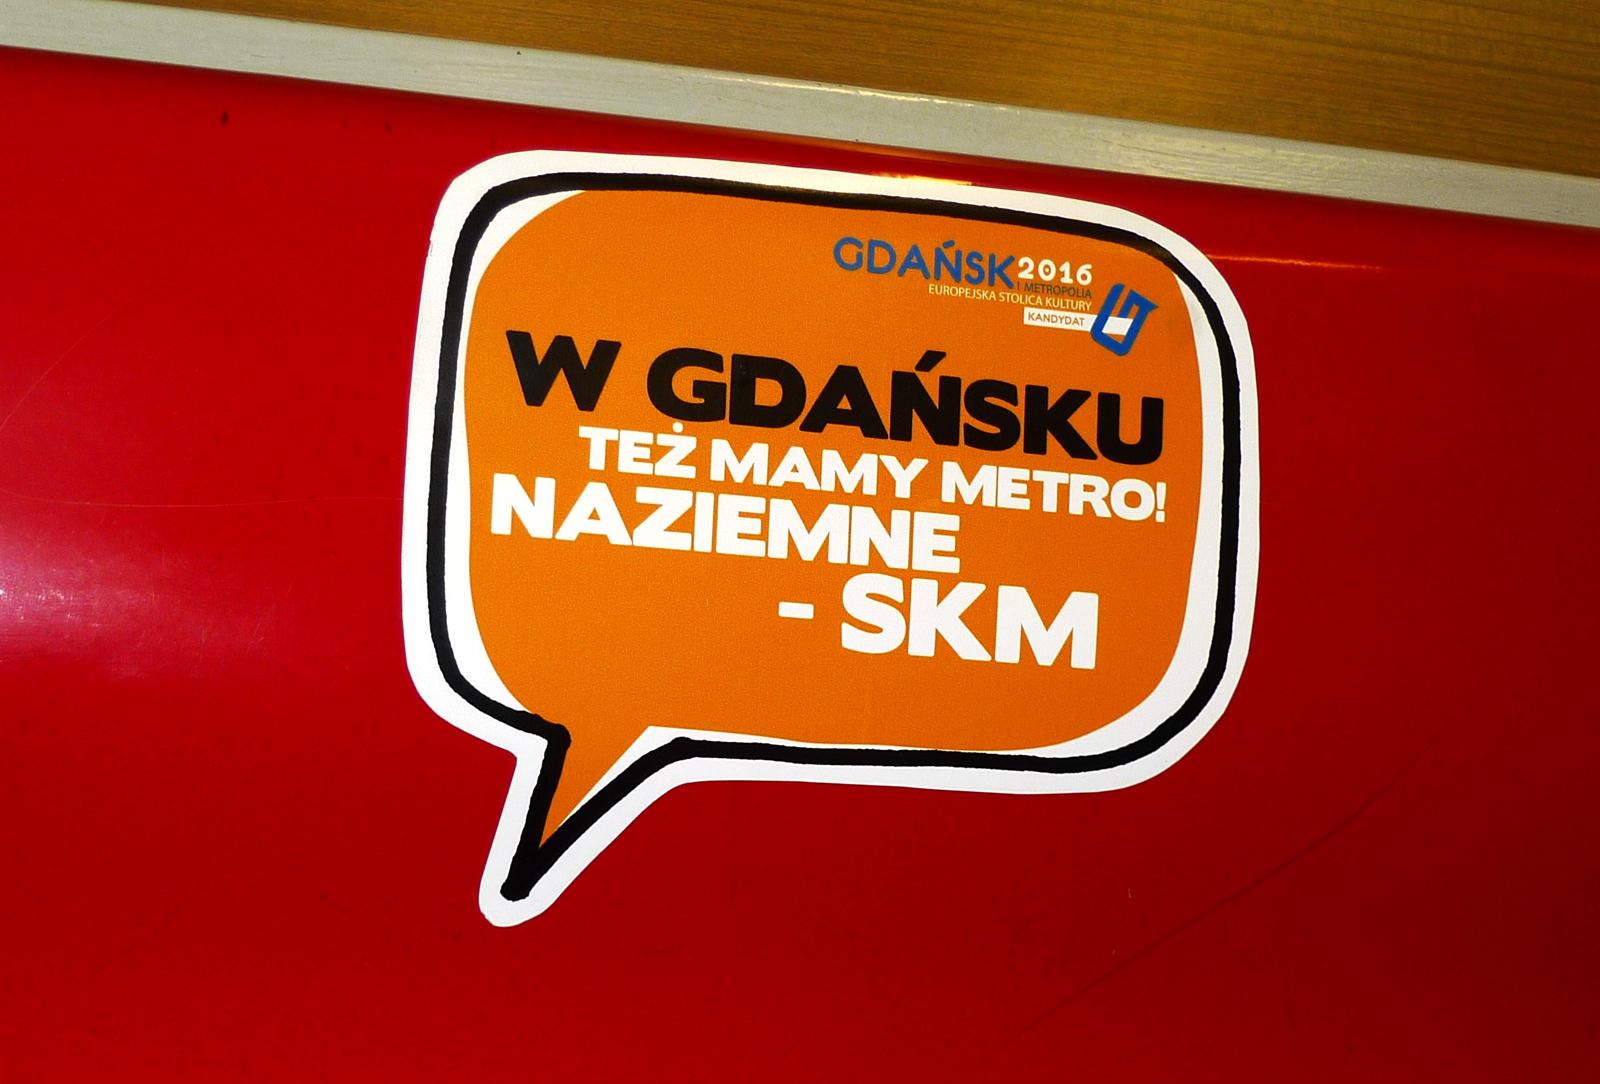 gdańsk 2010 metro w trójmieście skm